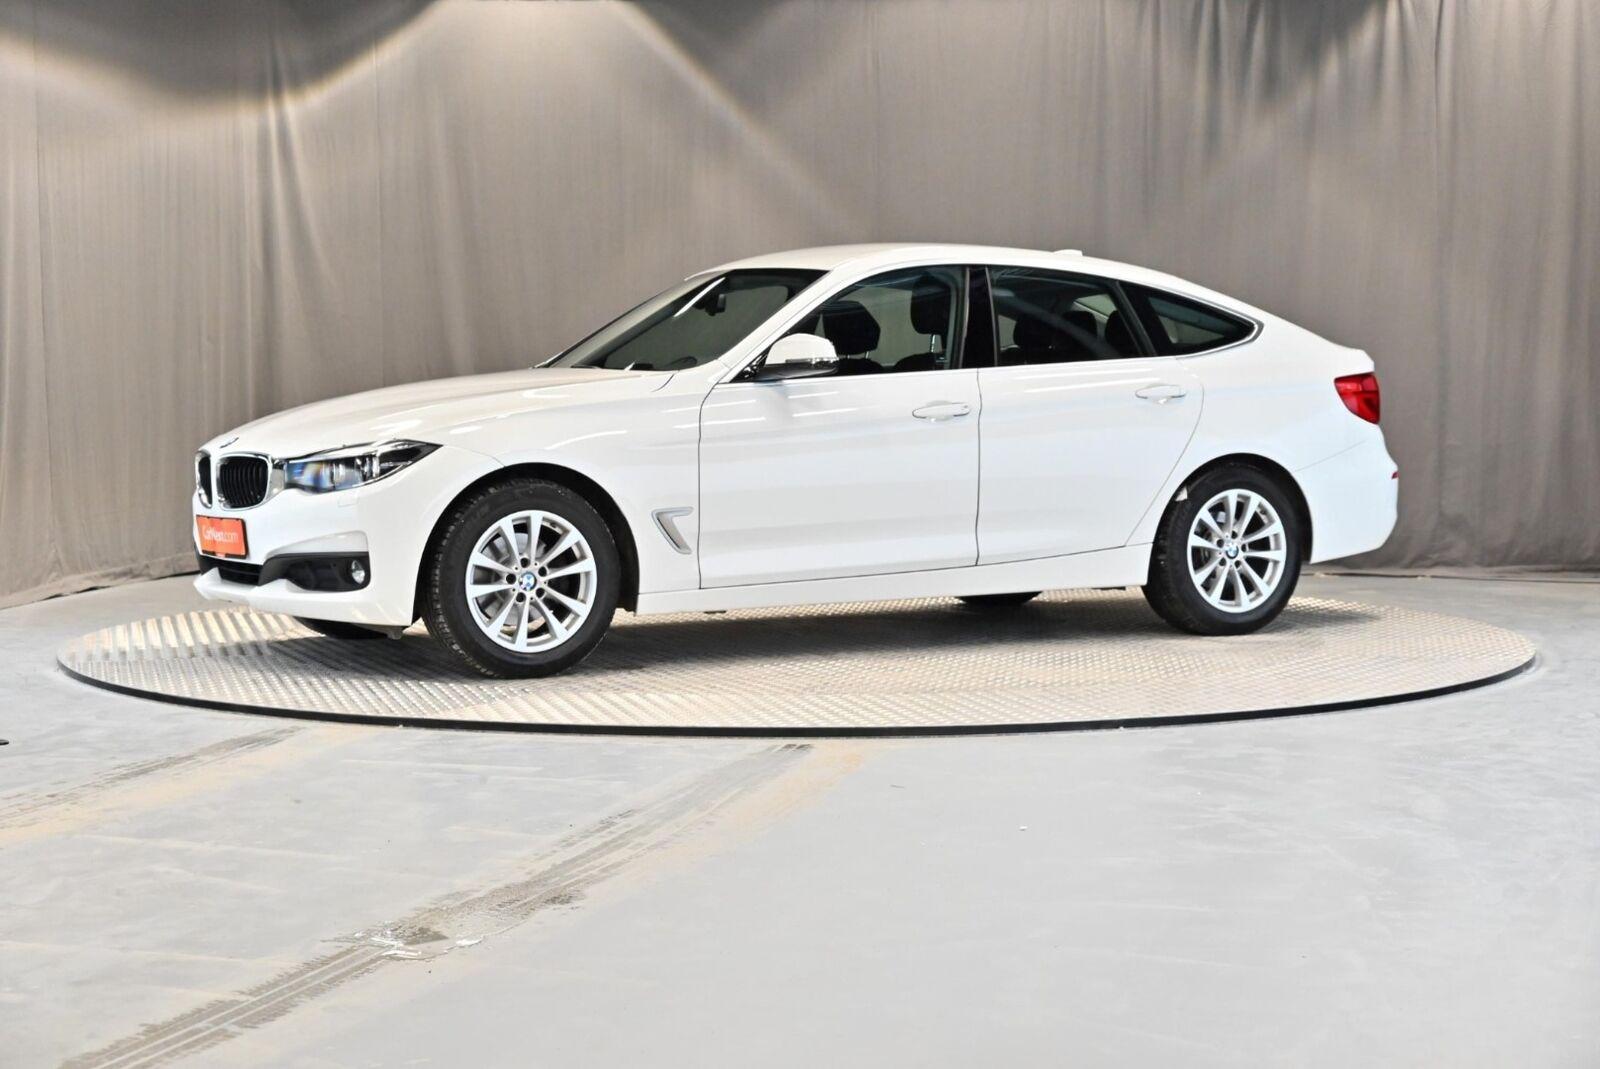 BMW 320d 2,0 Gran Turismo aut. 5d - 259.900 kr.